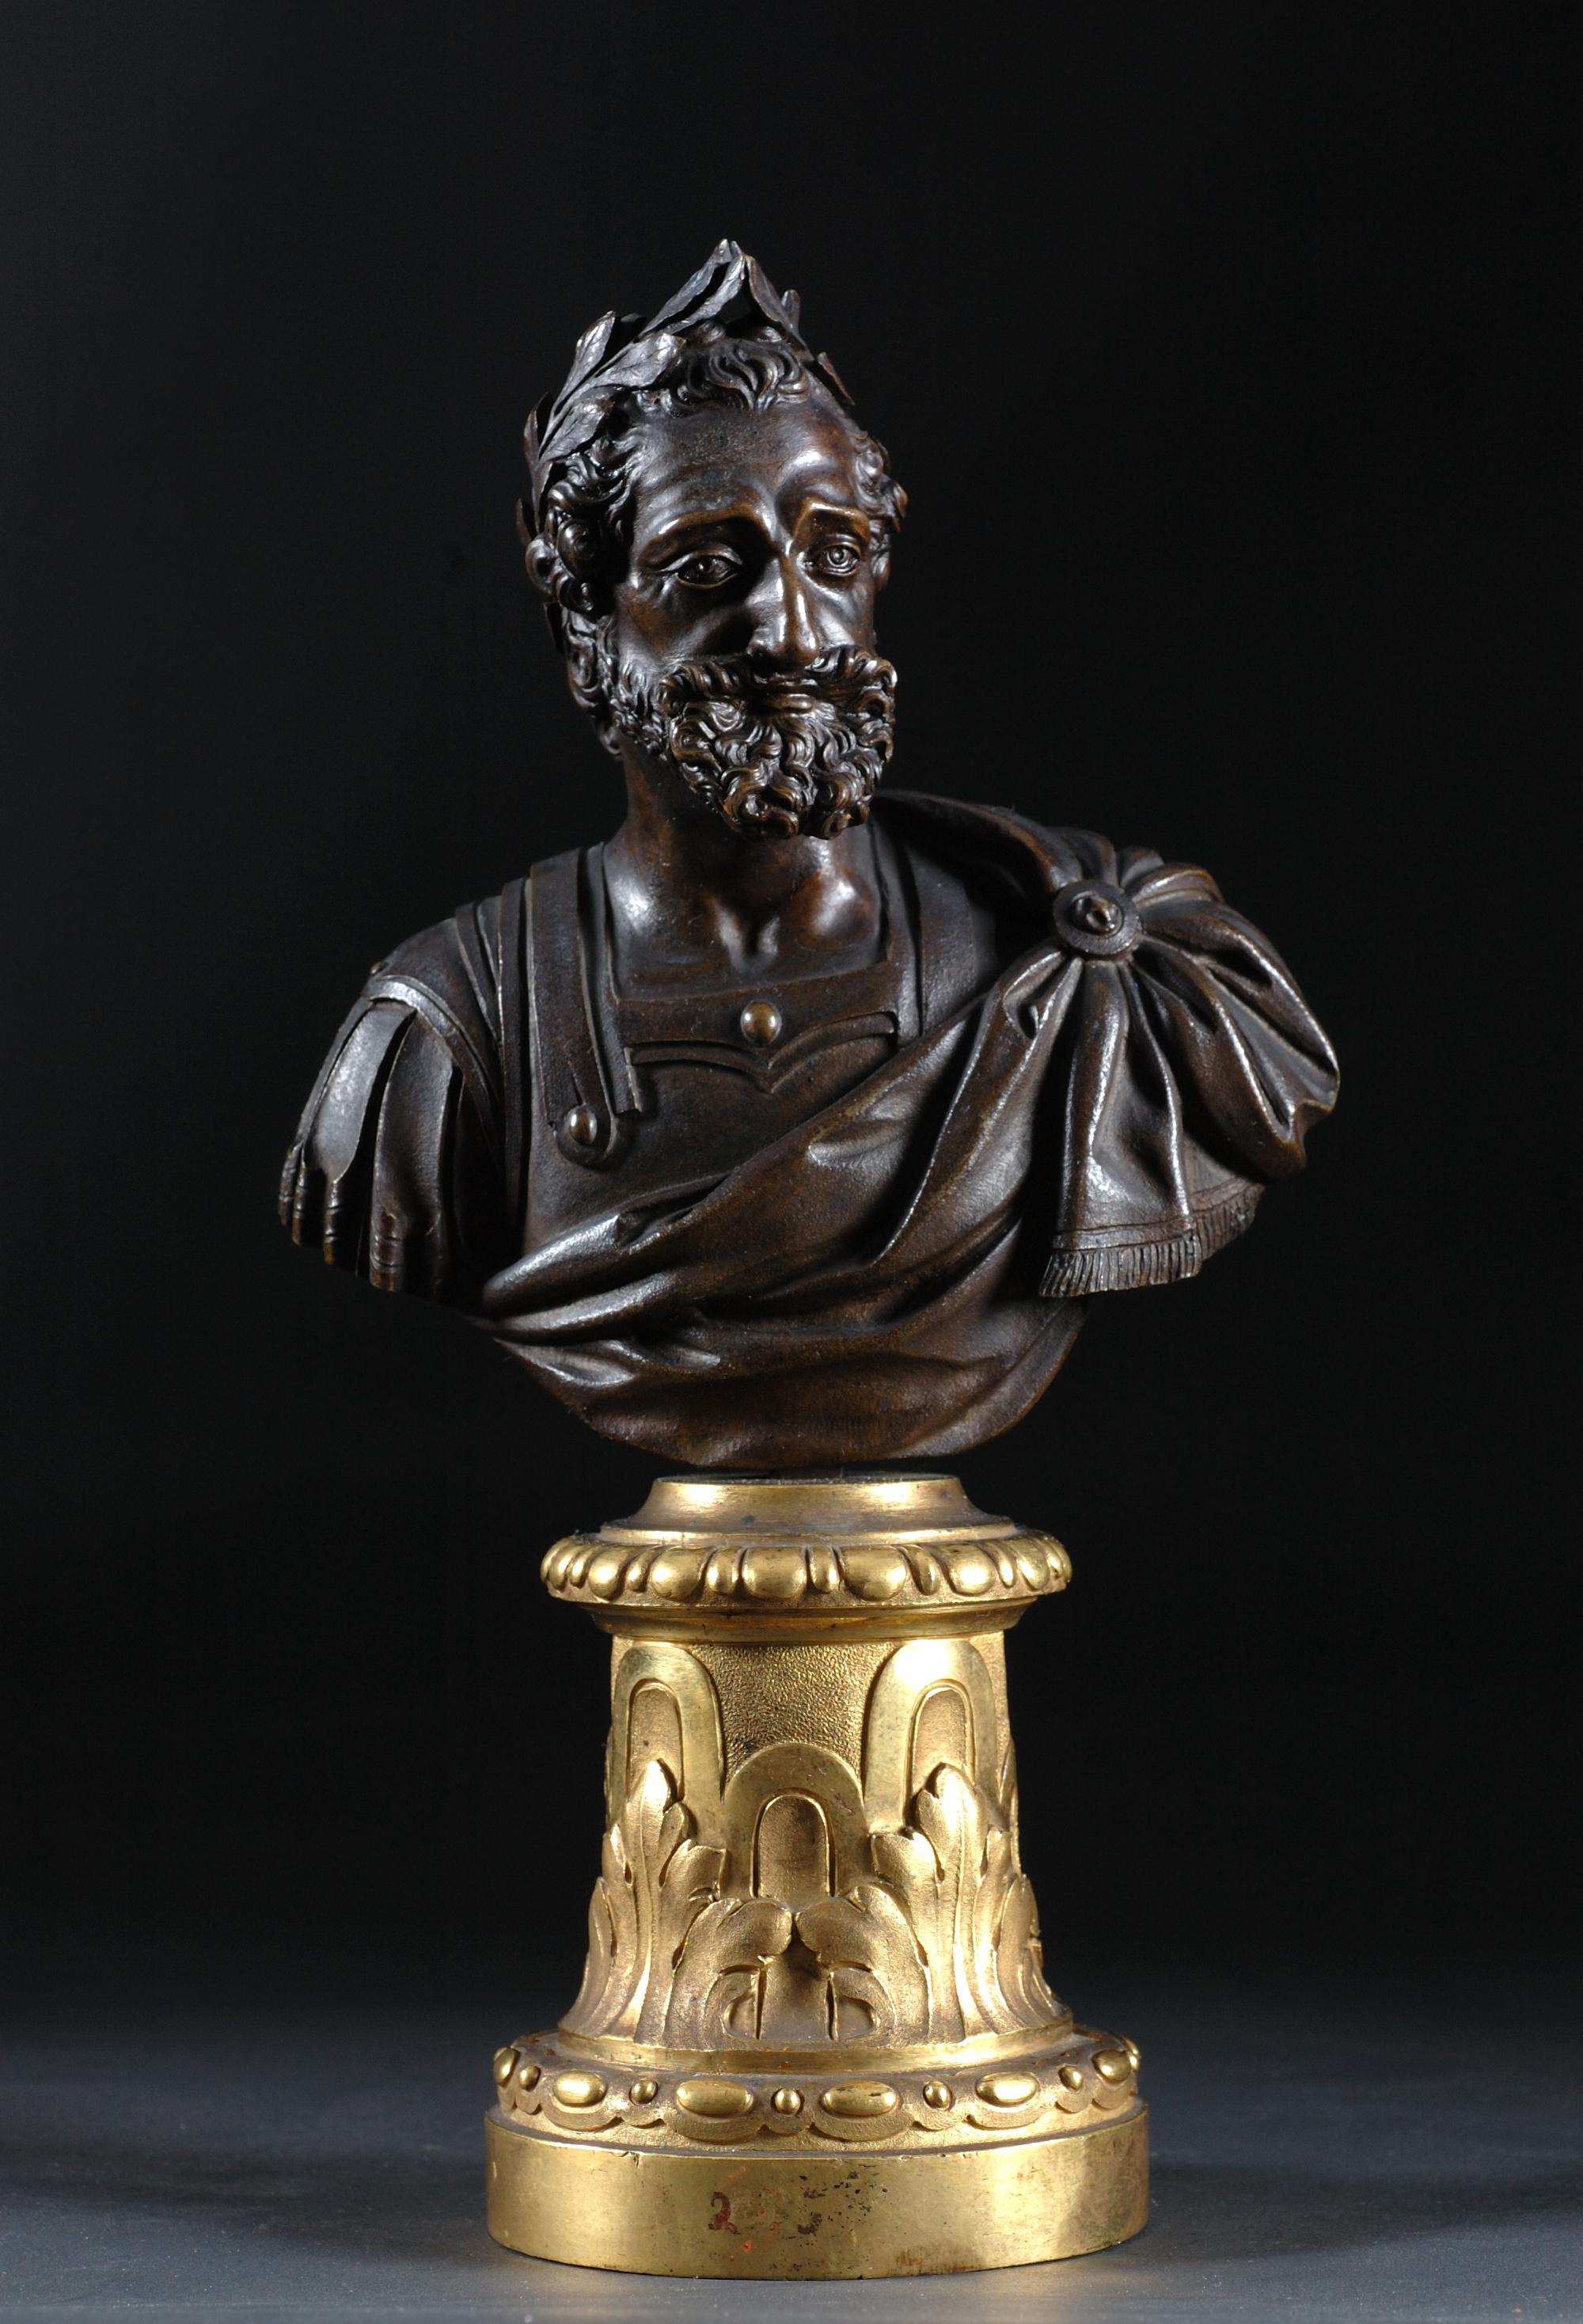 Henri IV en buste, France, XVIIIe siècle, Bronze sur socle en cuivre doré, Château de pau (dépôt du Louvre, département des Objets d'Art)